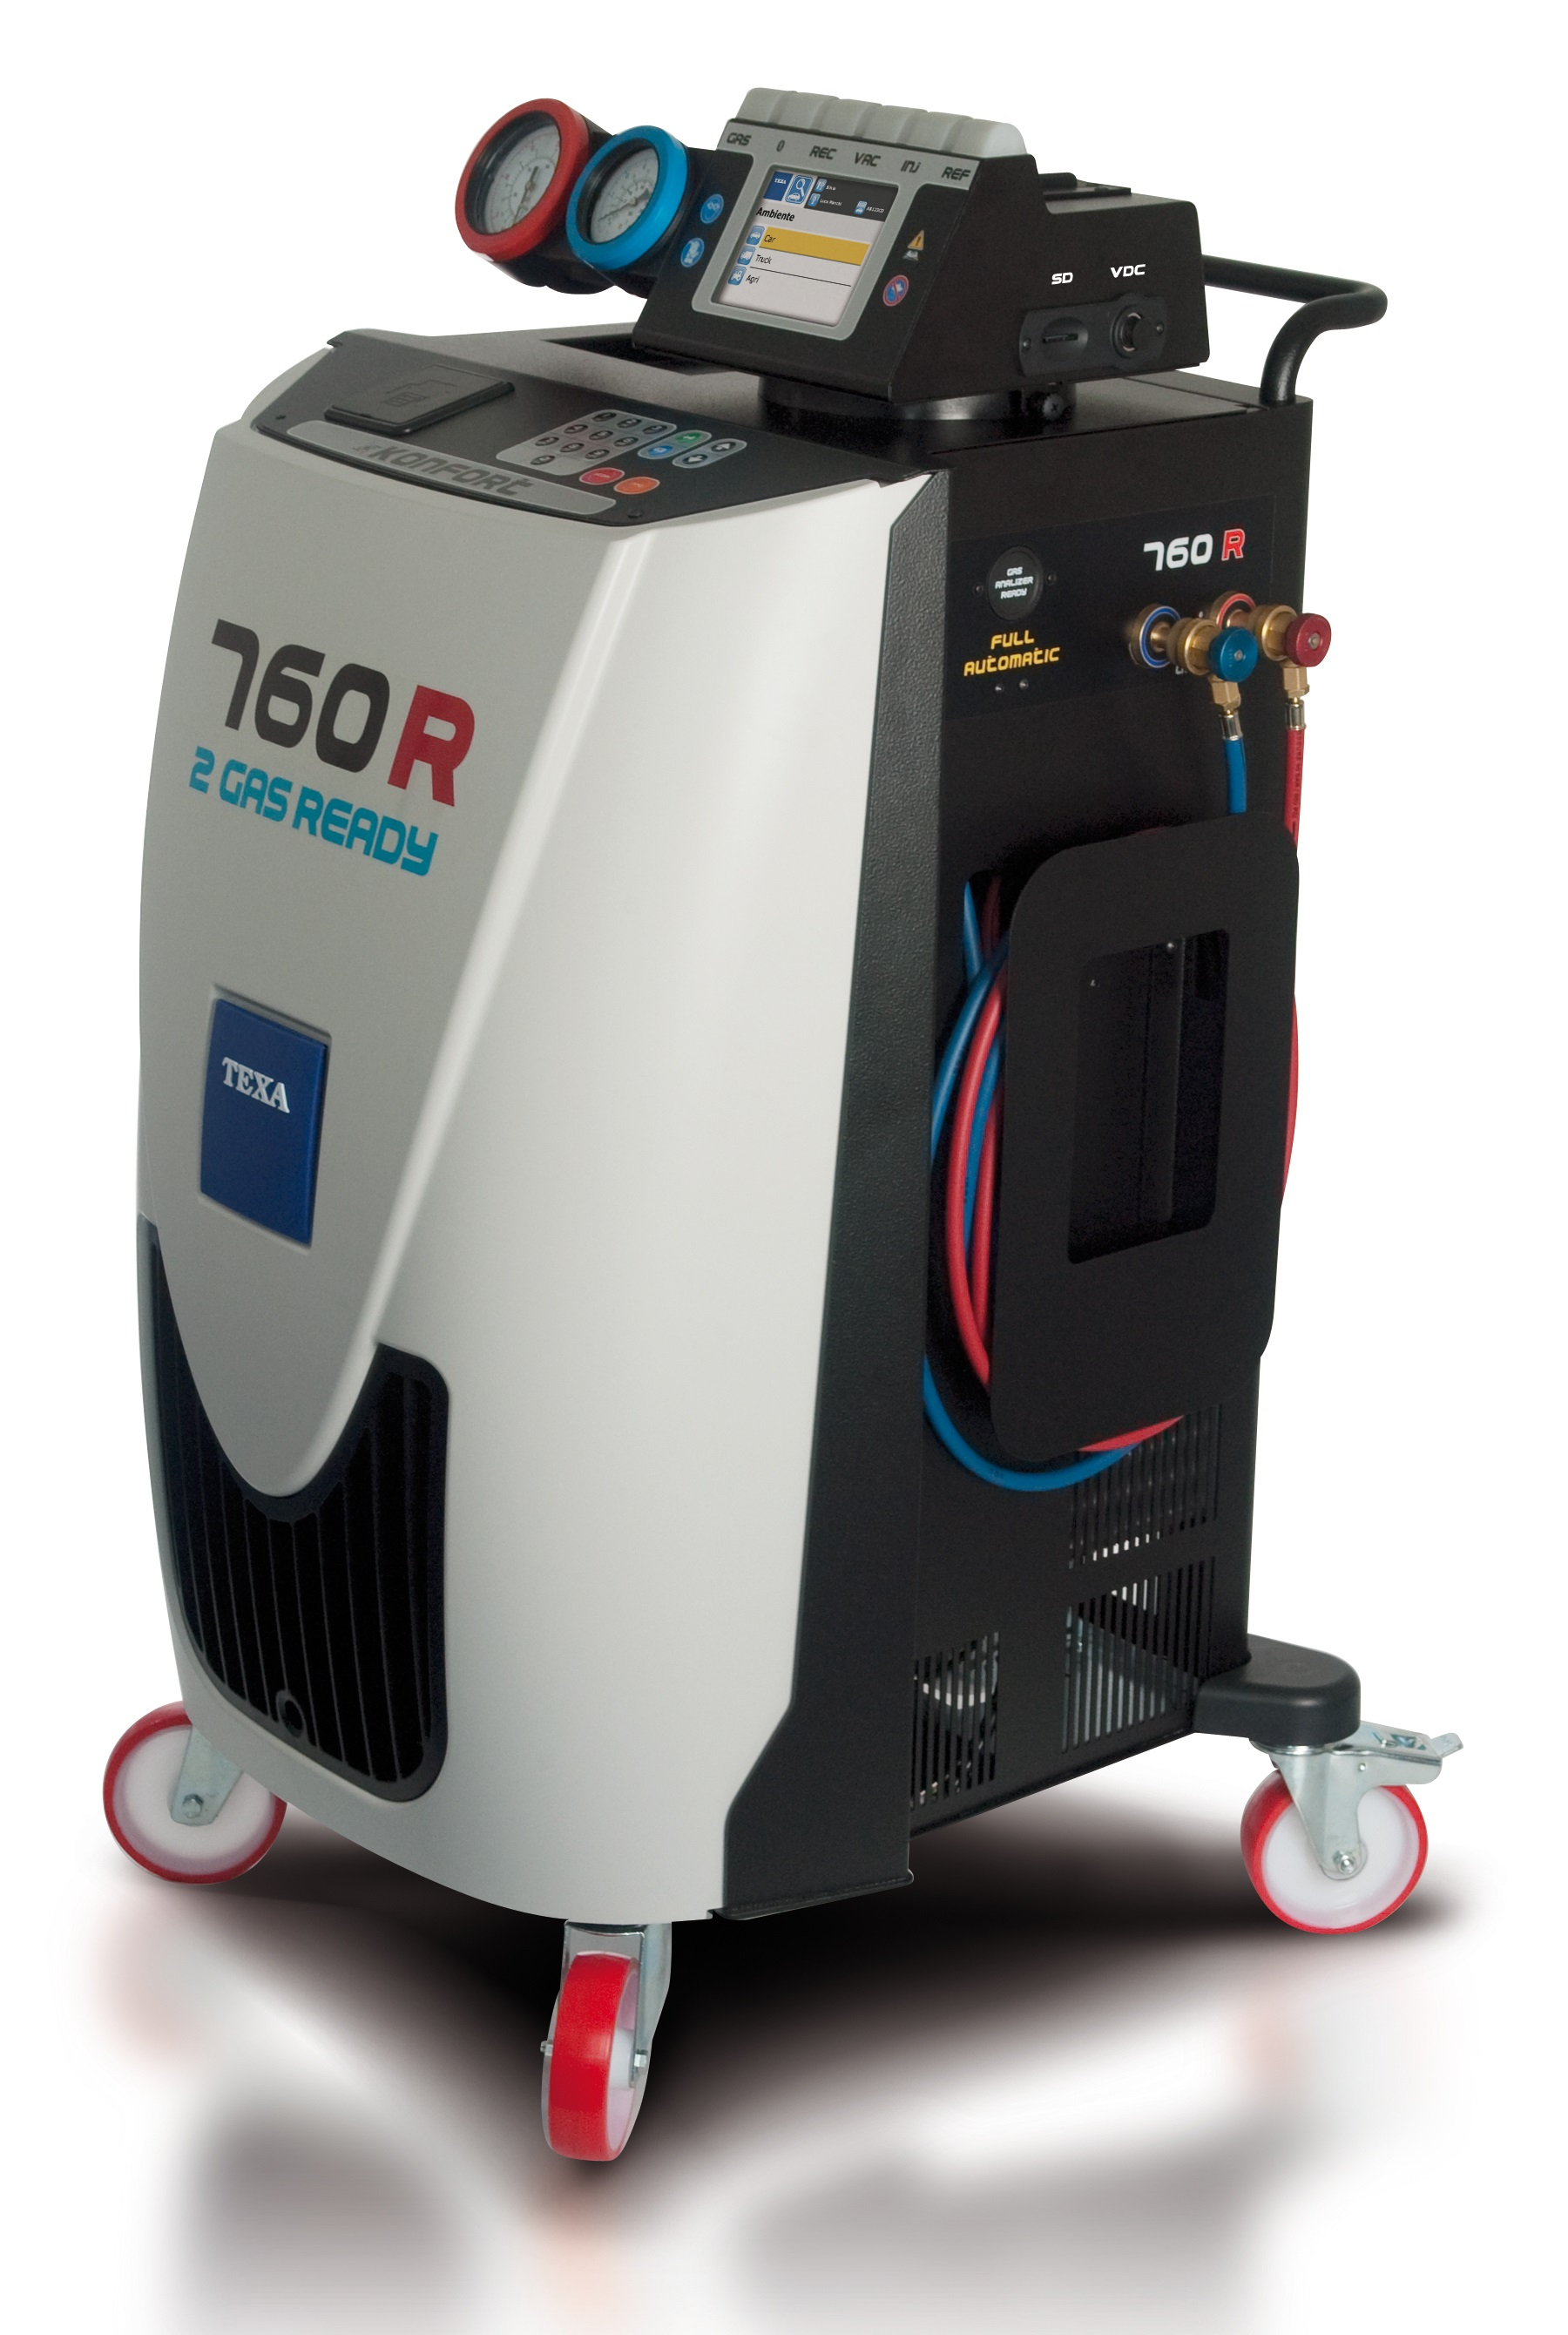 Maquina para el servico al aire acondicionado konfort 760R